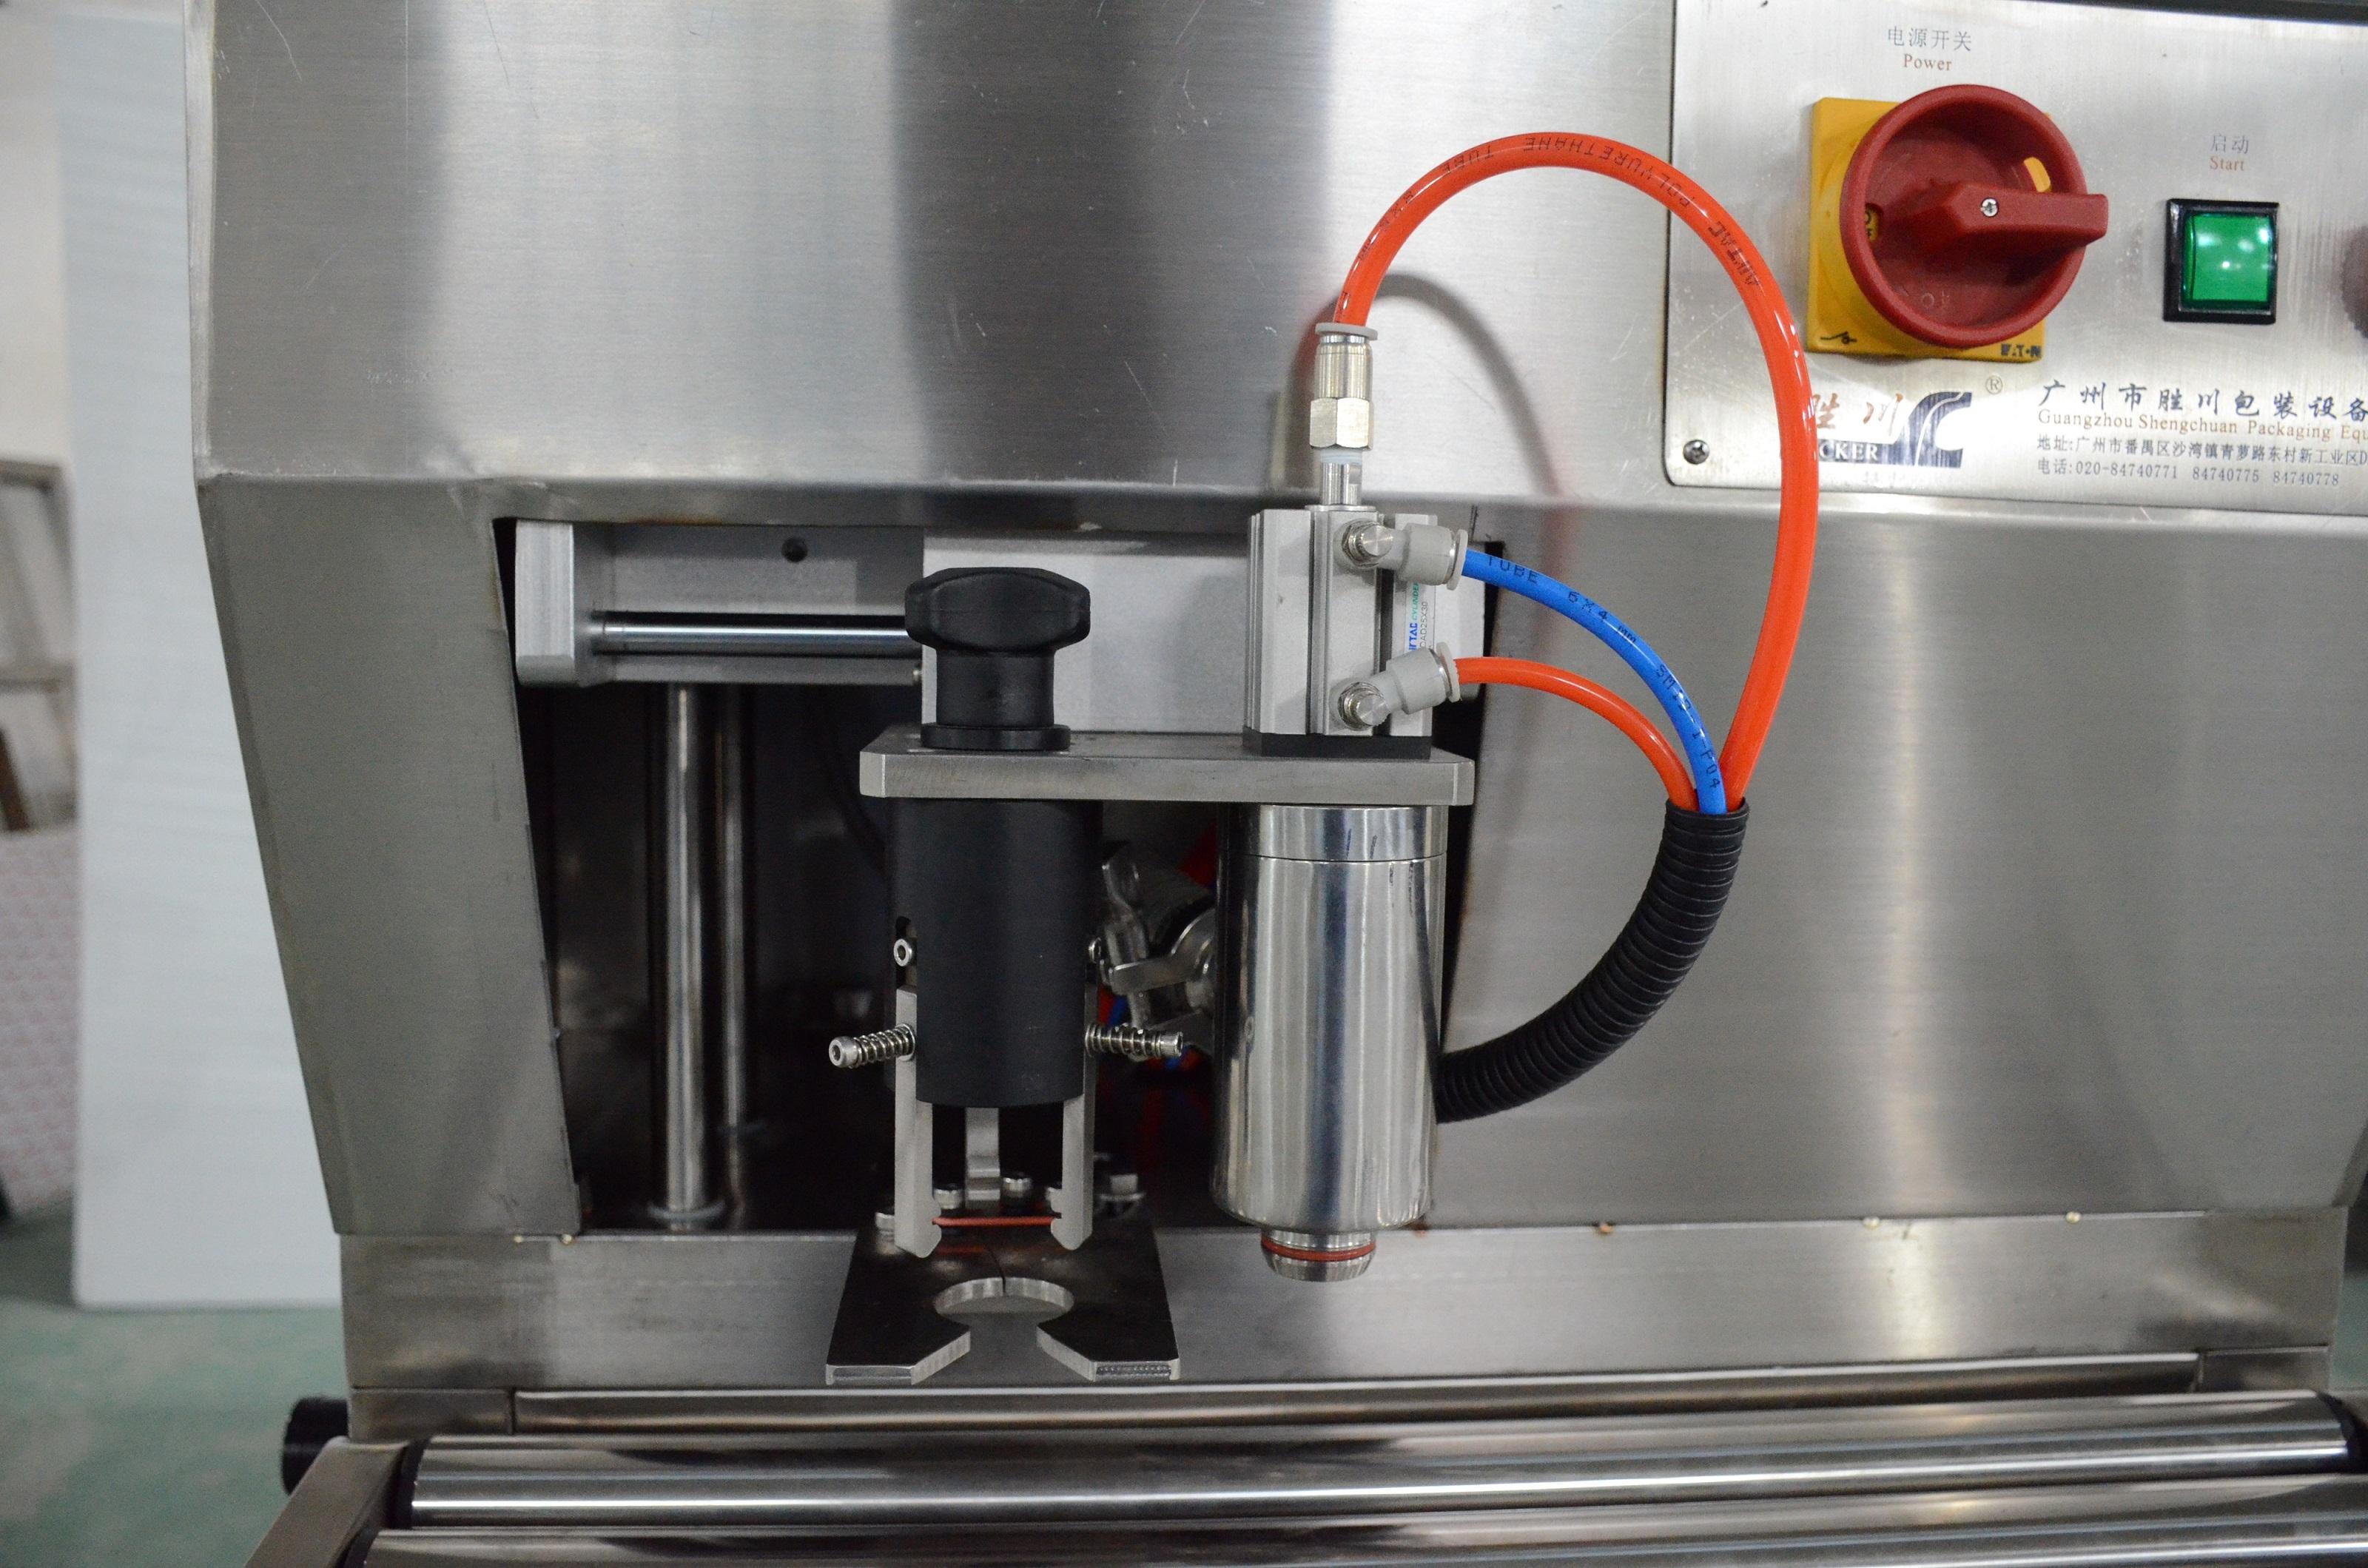 SC-BIB-LZ 自动盒中袋灌装机